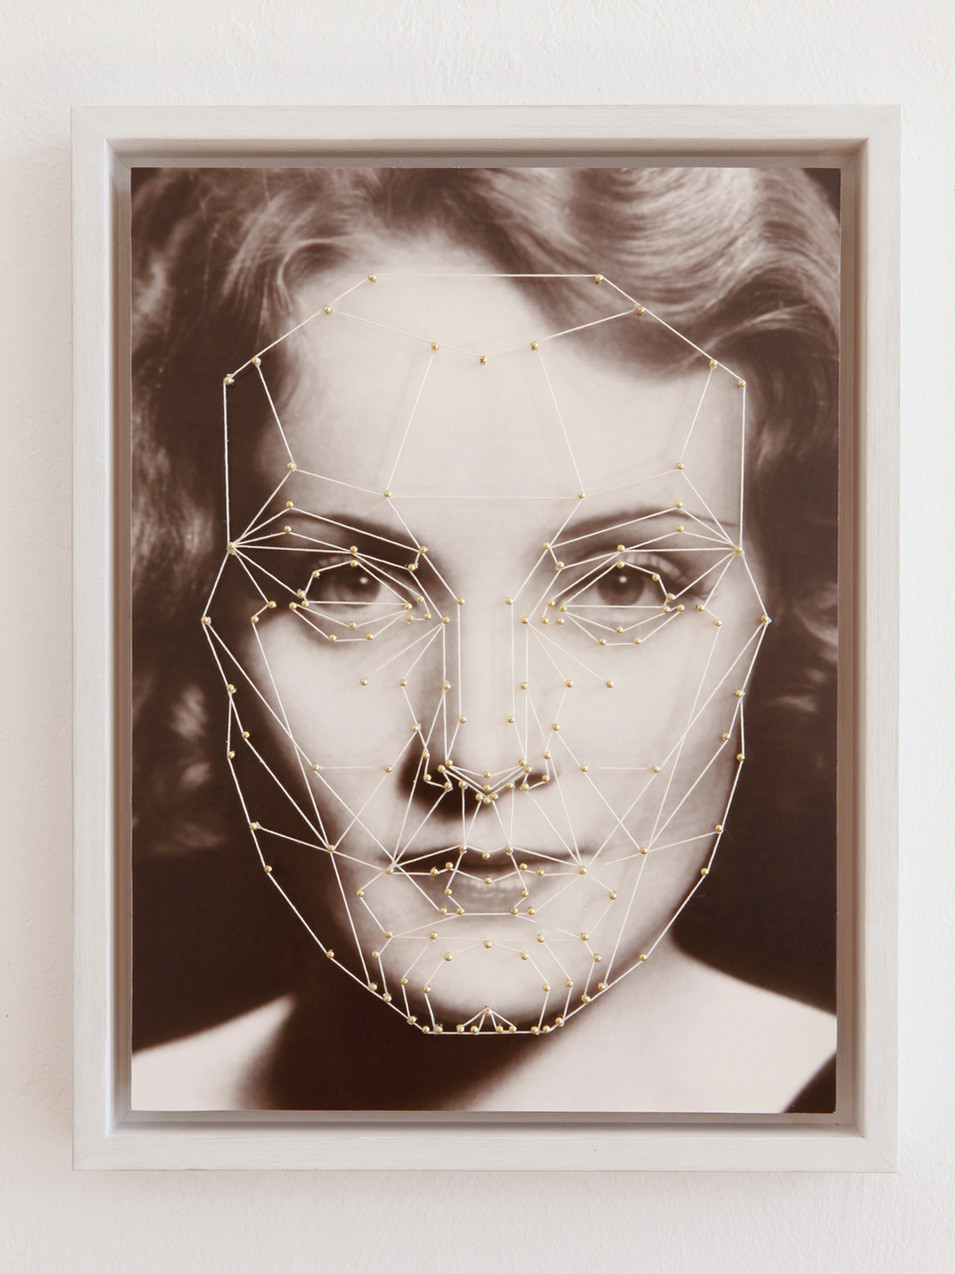 Anna Herrgott | MARQUARDT -M- | 2015 | Nägel und Schnur auf Fine Art Print 45 cm x 35 cm x 4,5 cm m.R. | Auflage 3